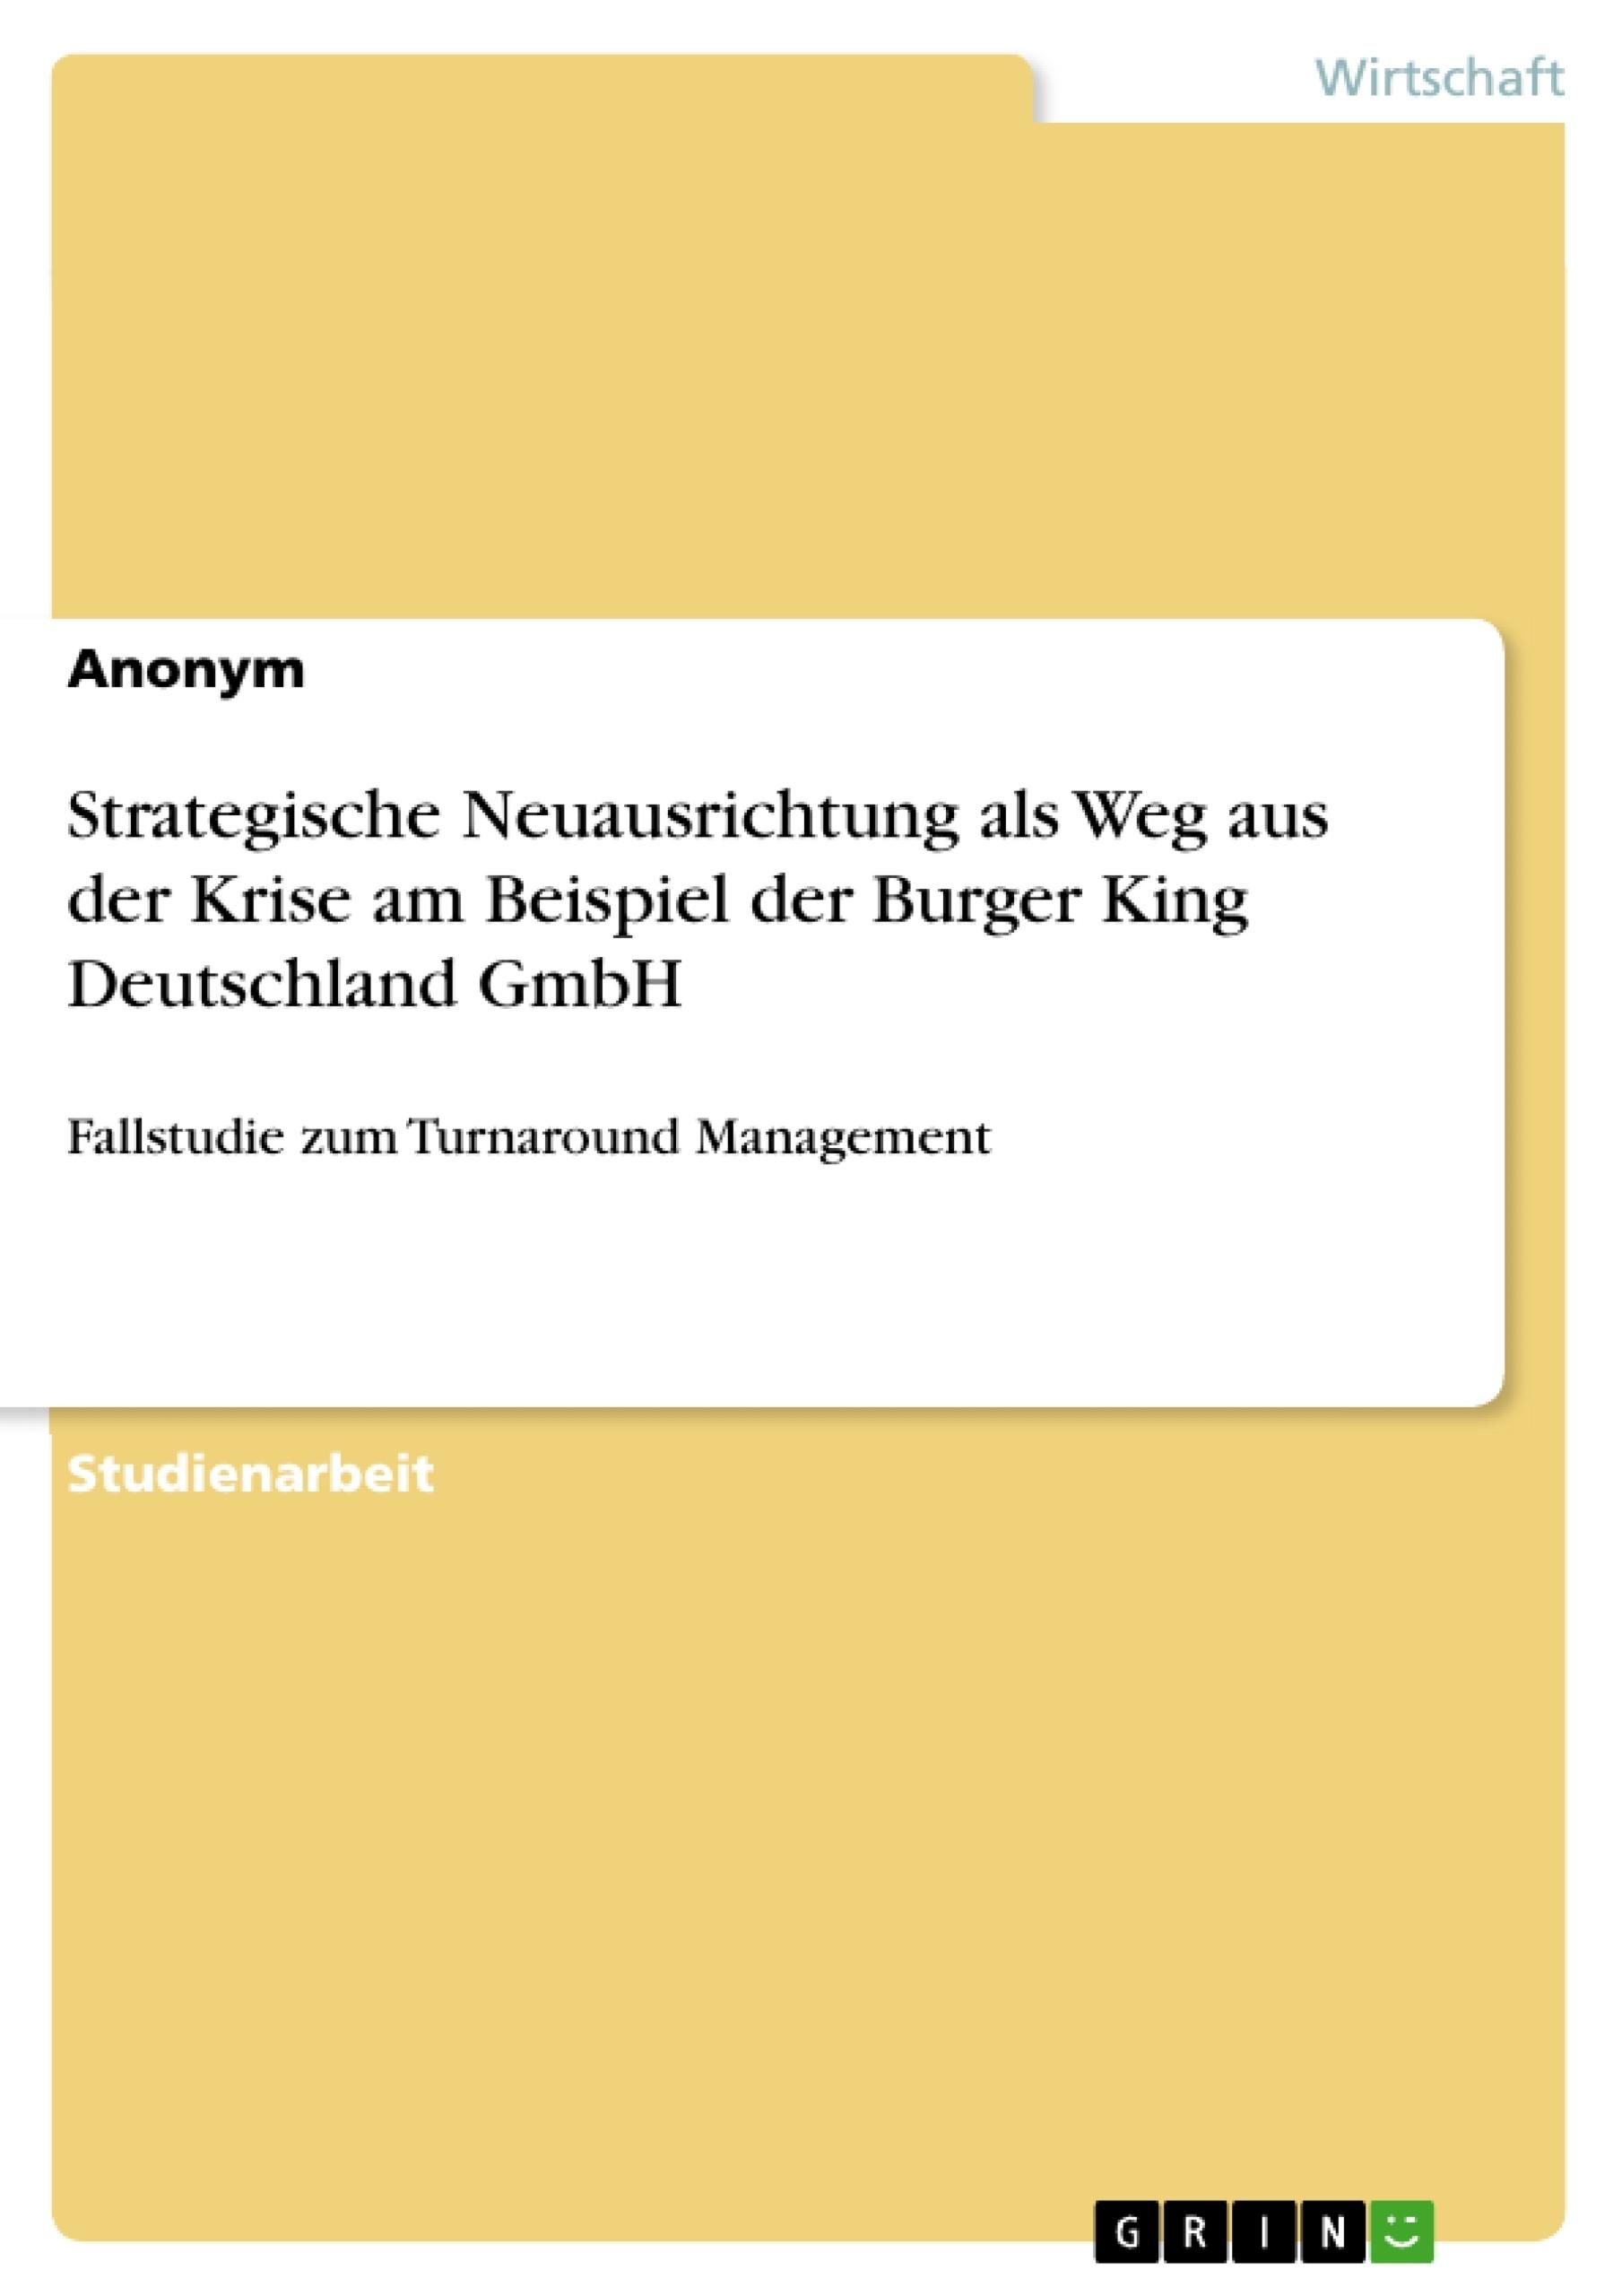 Titel: Strategische Neuausrichtung als Weg aus der Krise am Beispiel der Burger King Deutschland GmbH